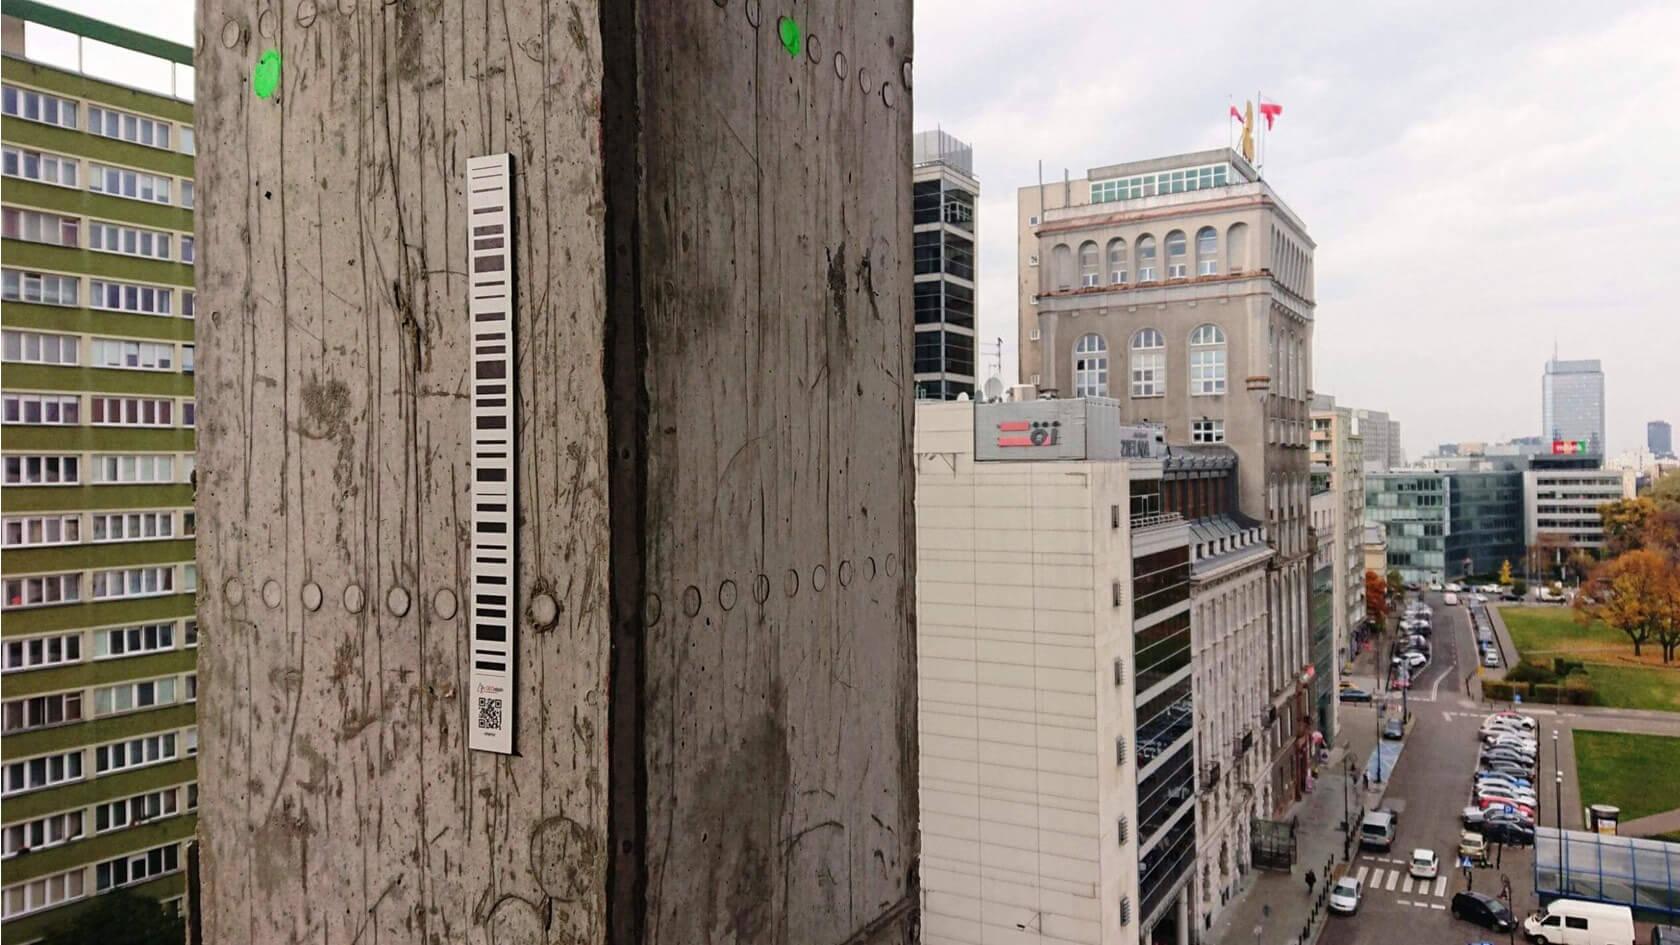 Central Point, monitoring automatyczny – widok na pryzmat pomiarowy oraz budynek Pasty